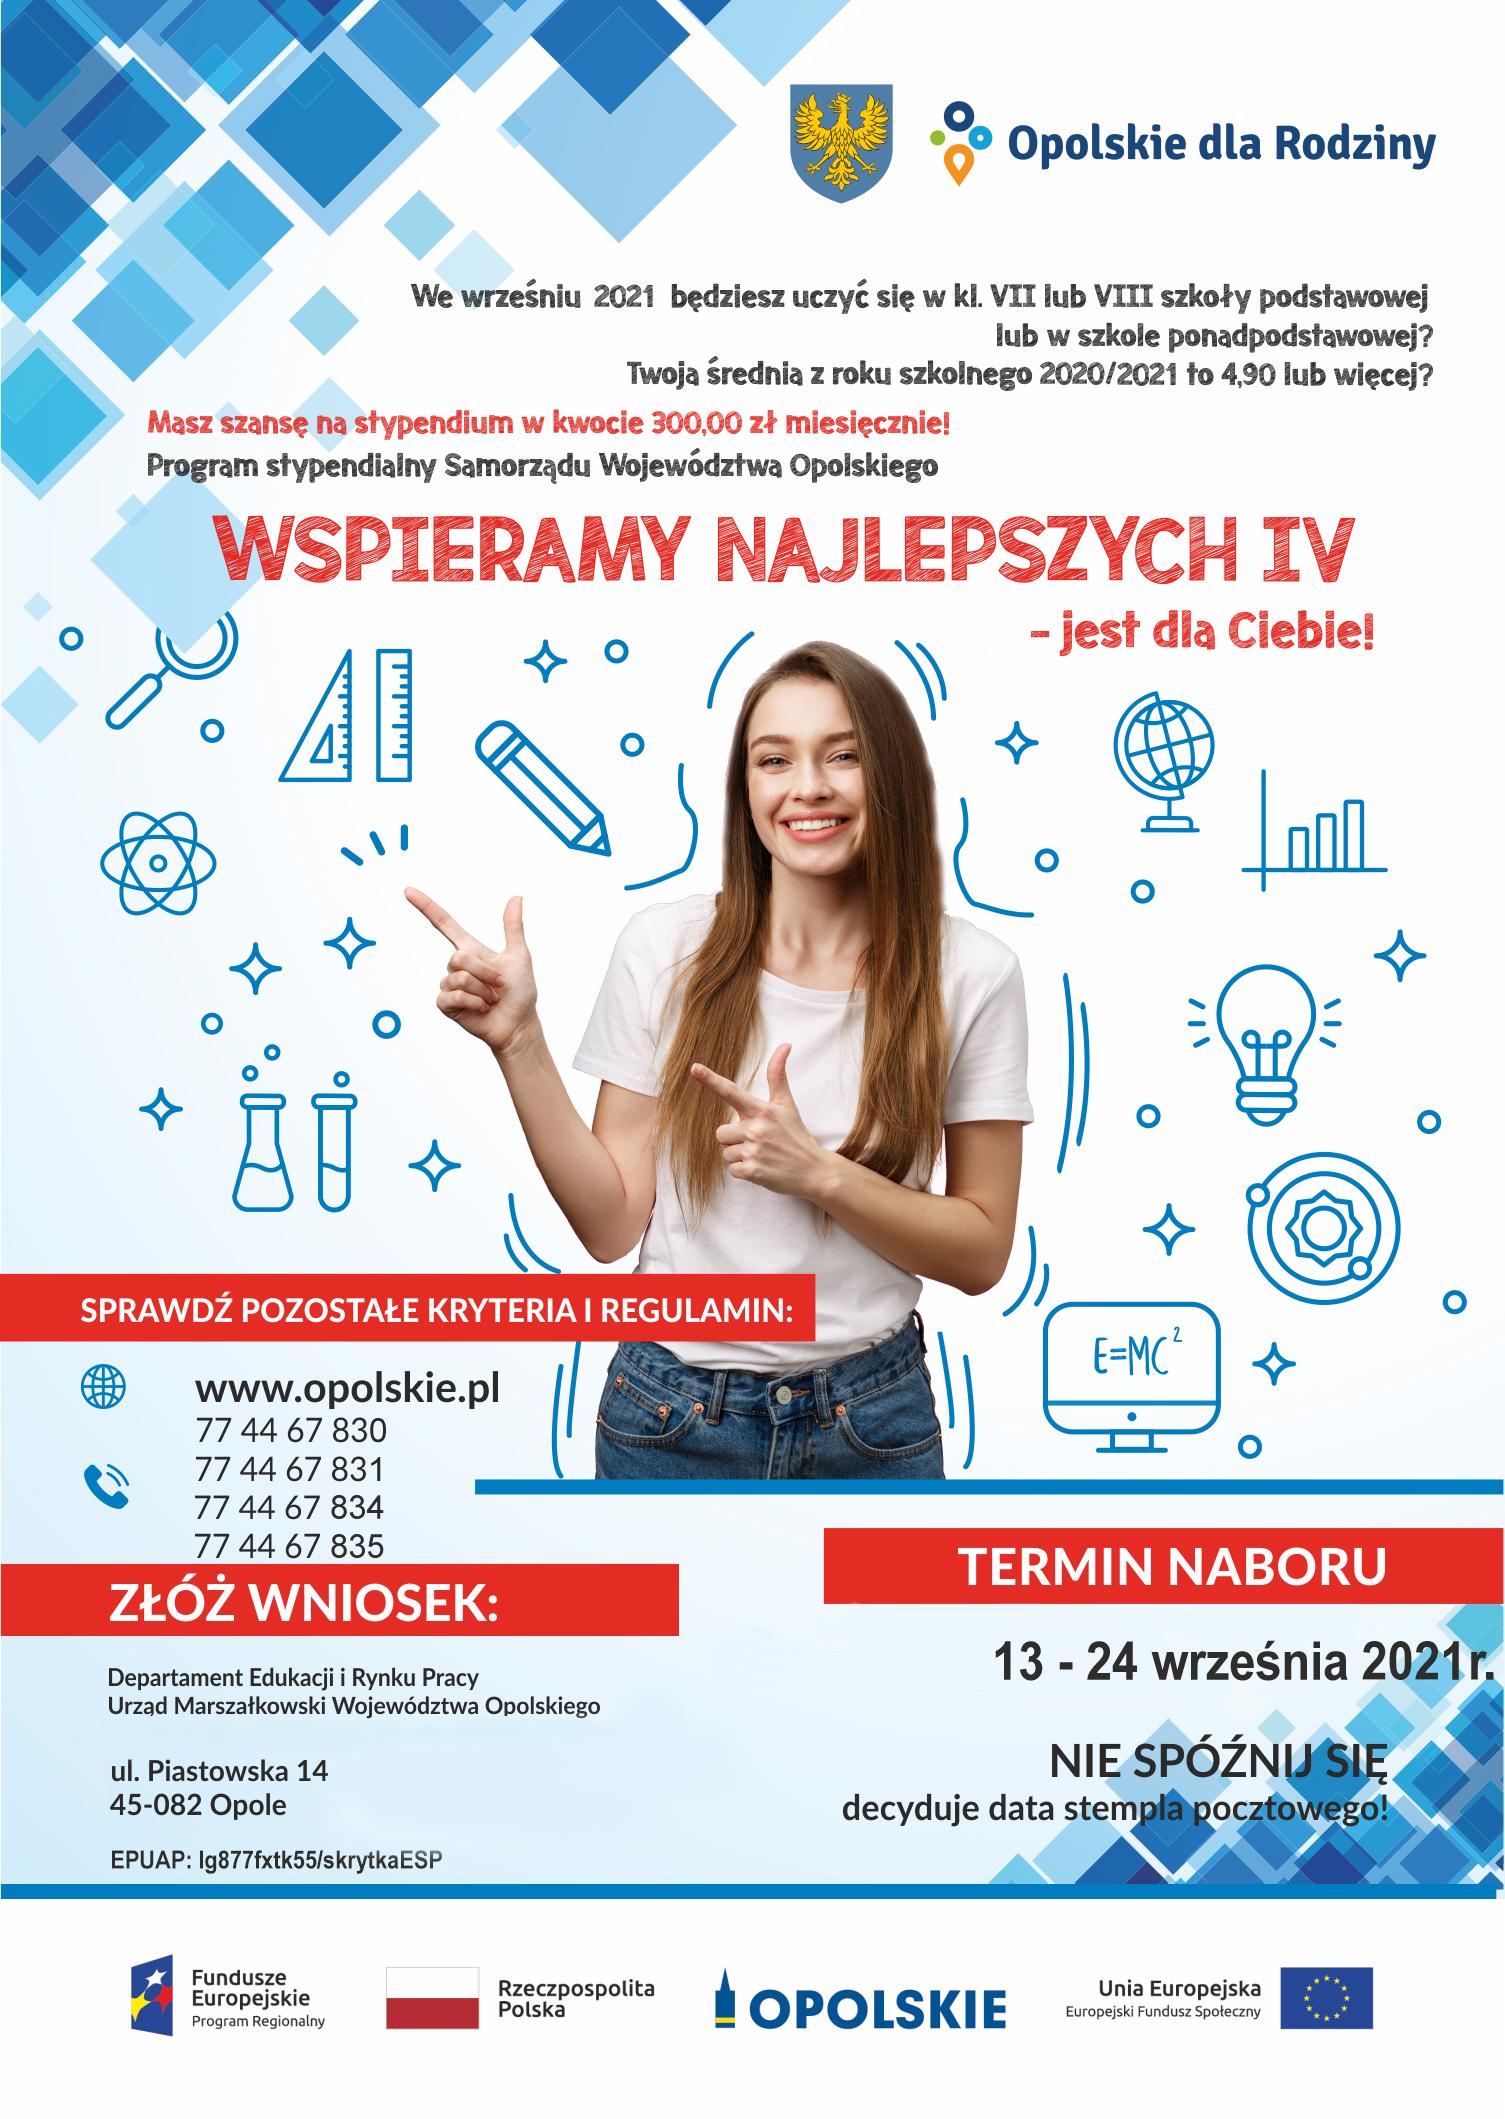 Wspieramy najlepszych – program stypendialny Samorządu Województwa Opolskiego